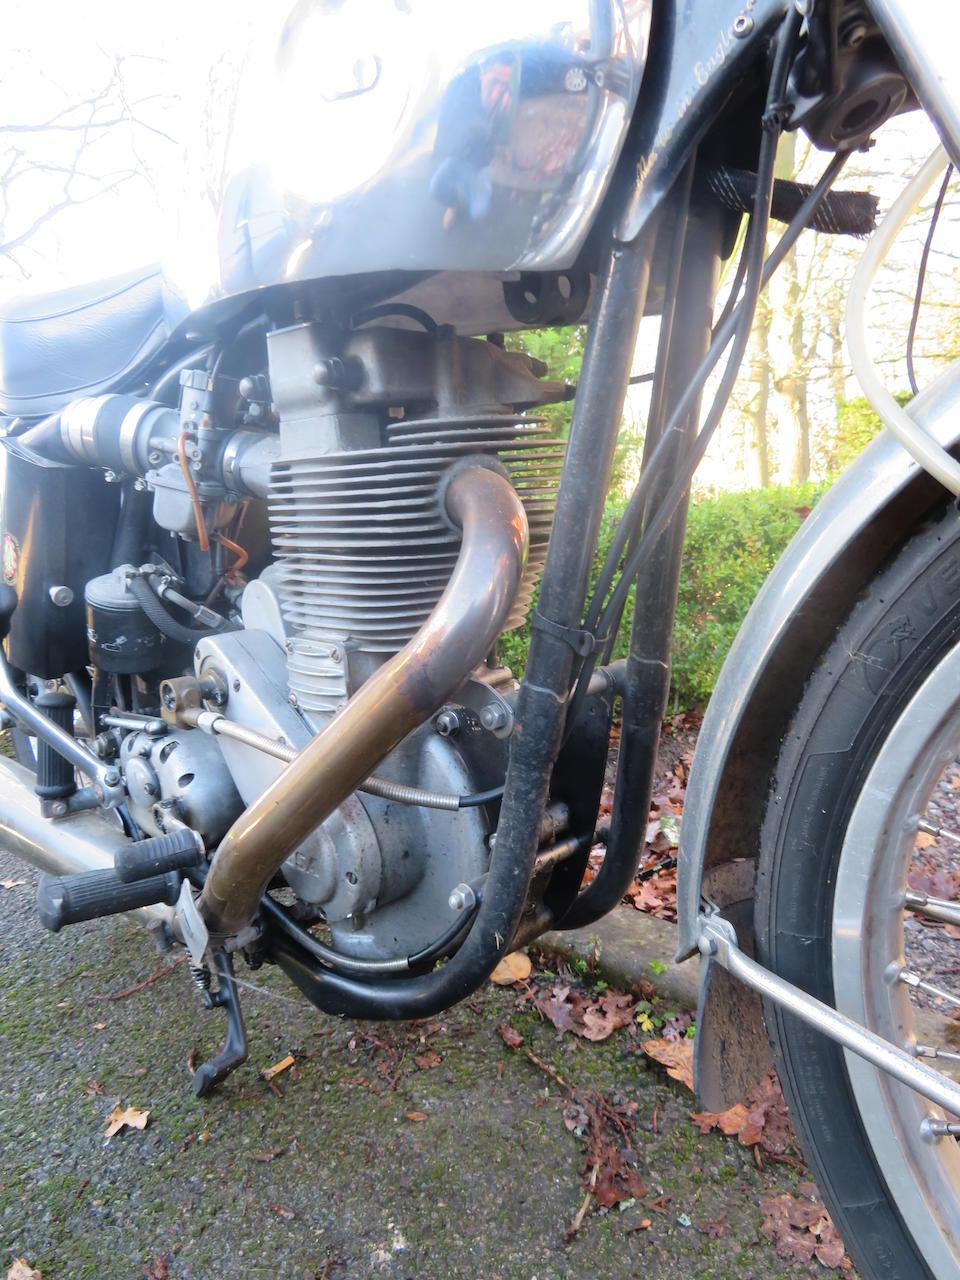 Property of a deceased's estate, c.1959 BSA 498cc Gold Star Catalina Frame no. CB32C.138 Engine no. DBD.34.GS.3737